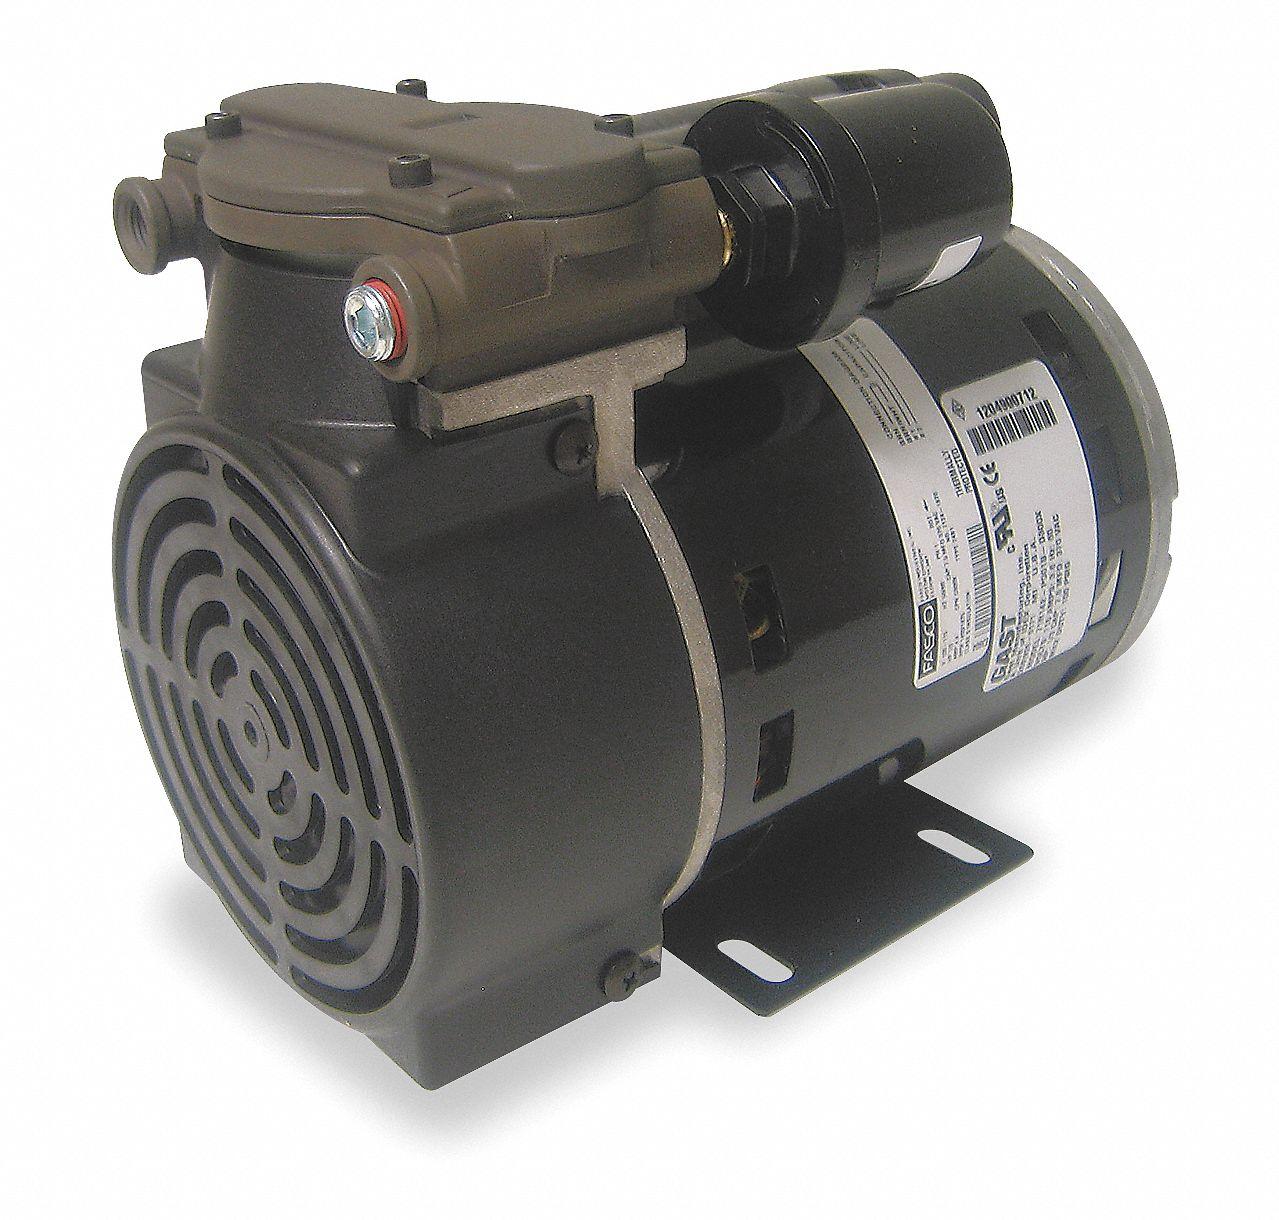 Gast 1 3 Hp Piston Air Compressor Vacuum Pump 115vac 100 100 Max Psi Cont Int 5ka76 71r142 P251 D300x Grainger